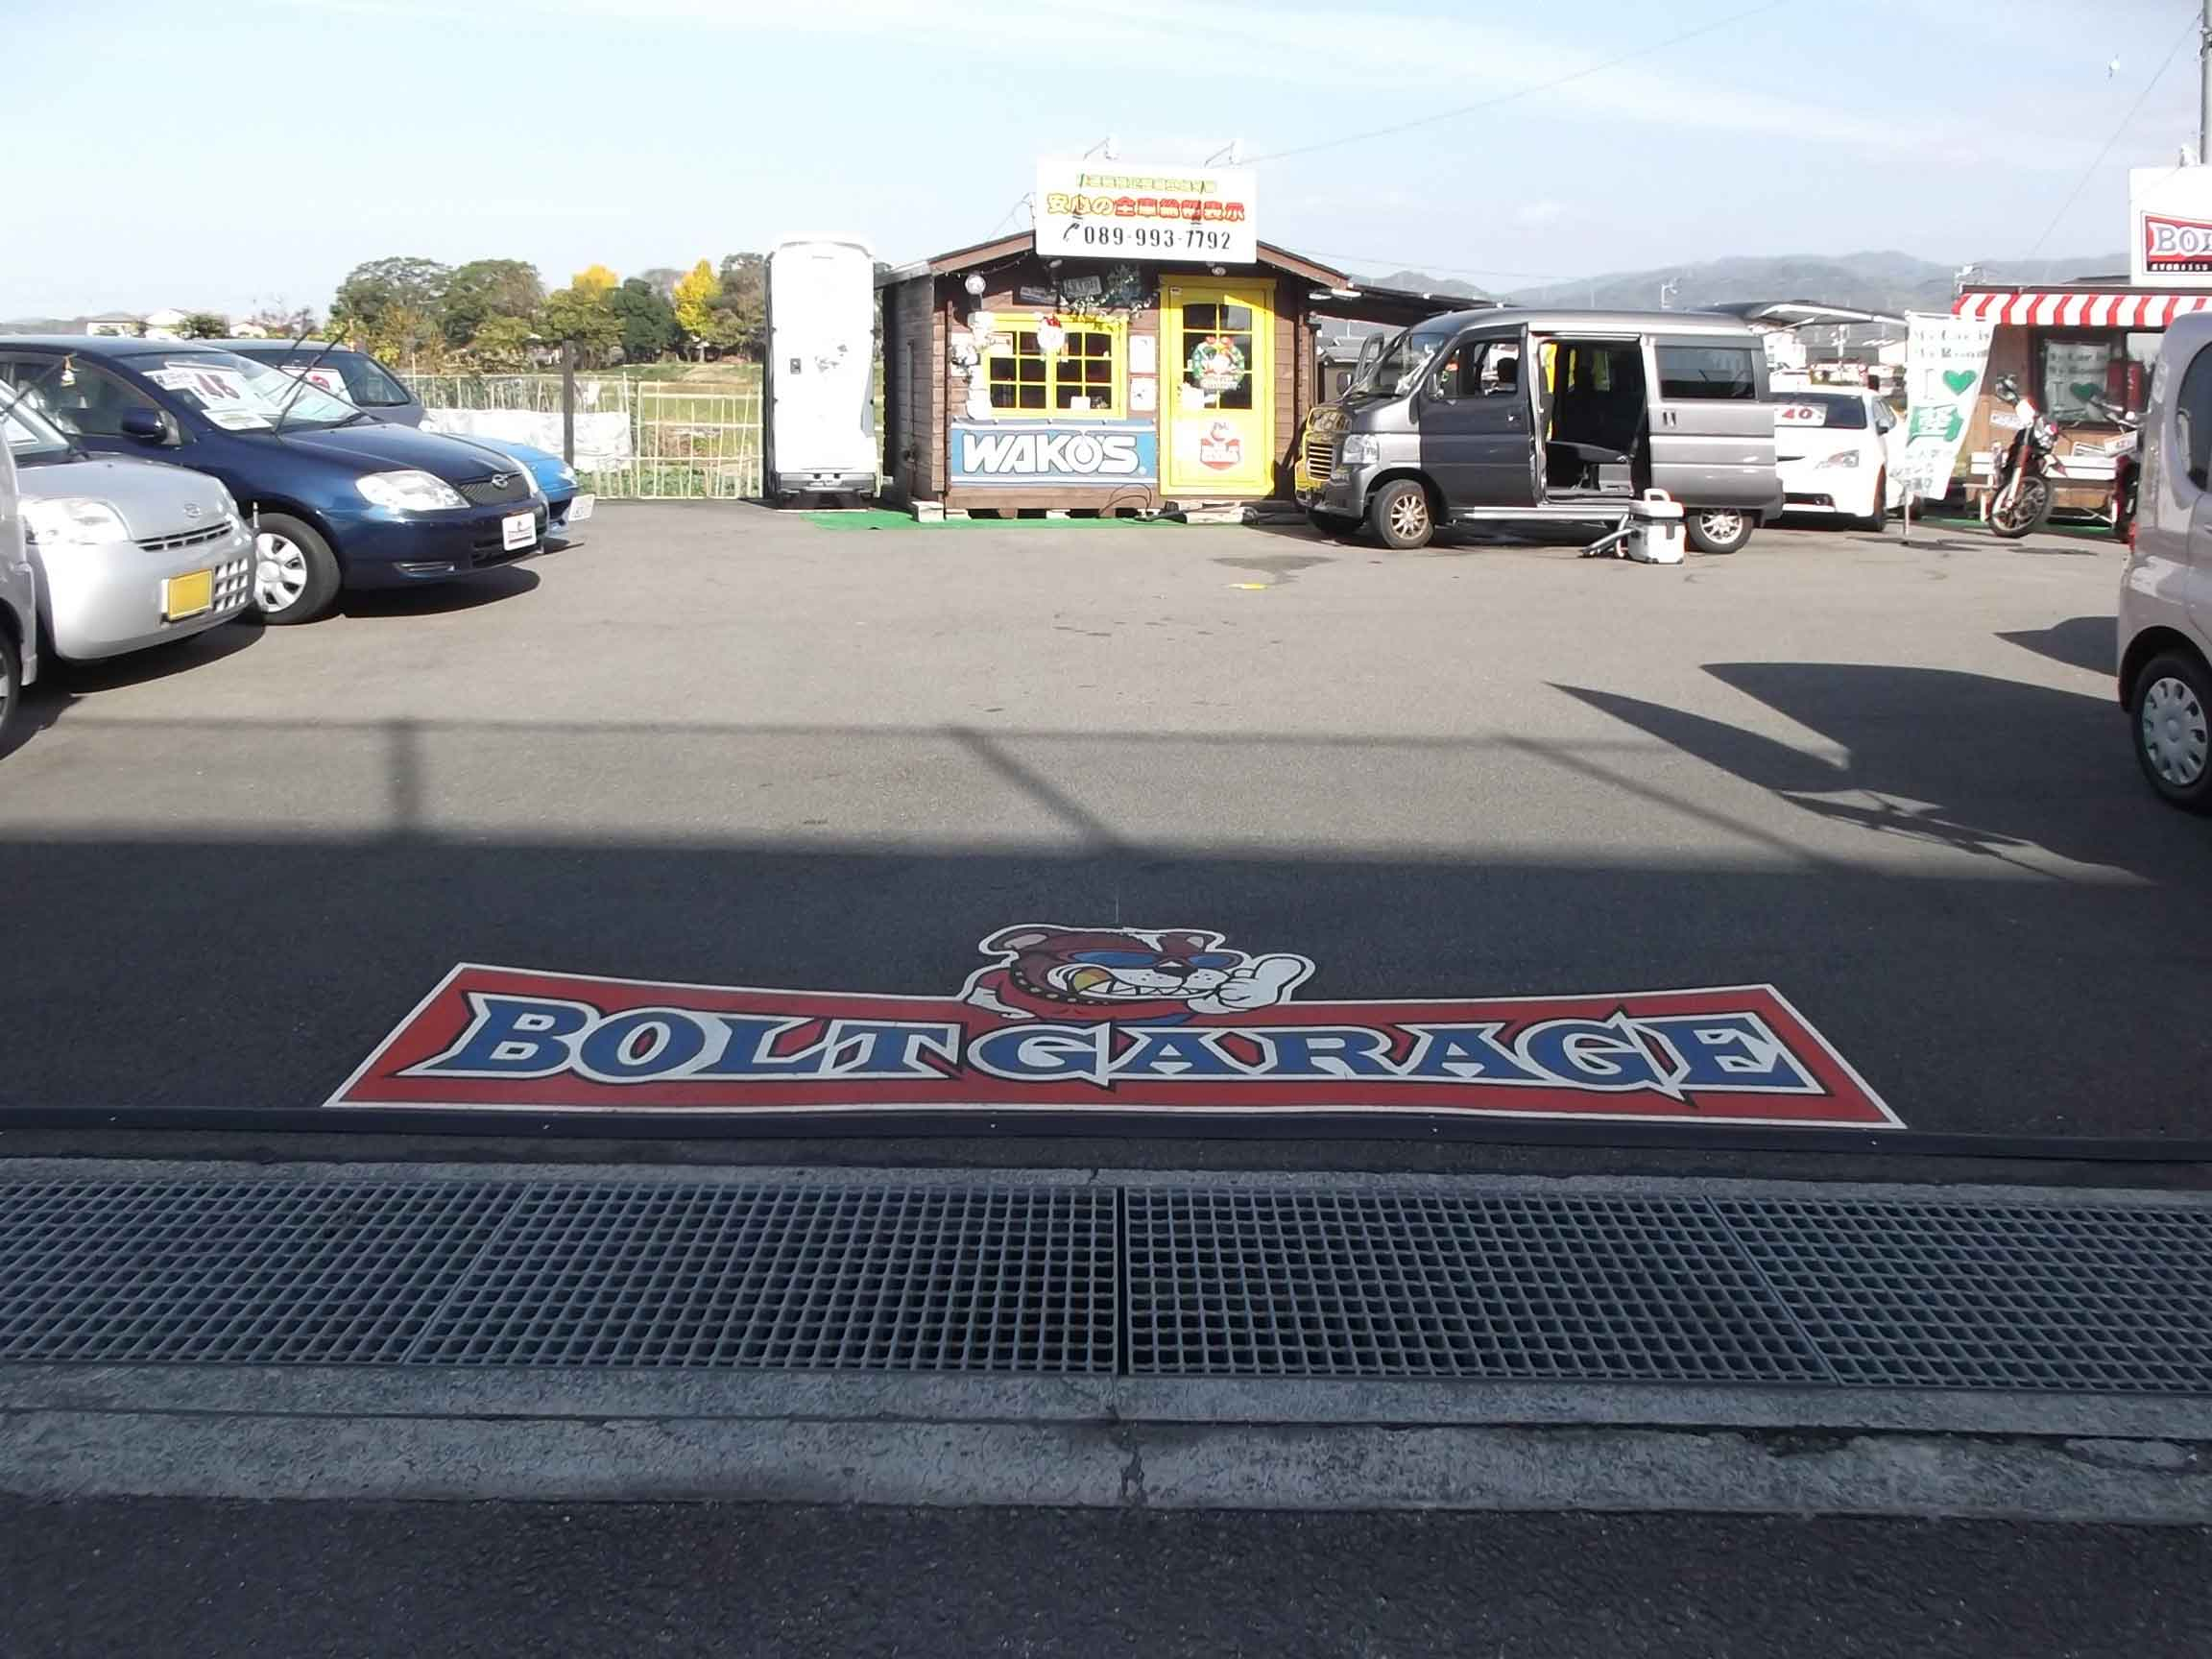 WELCOMEサイン【BOLT GARAGE】